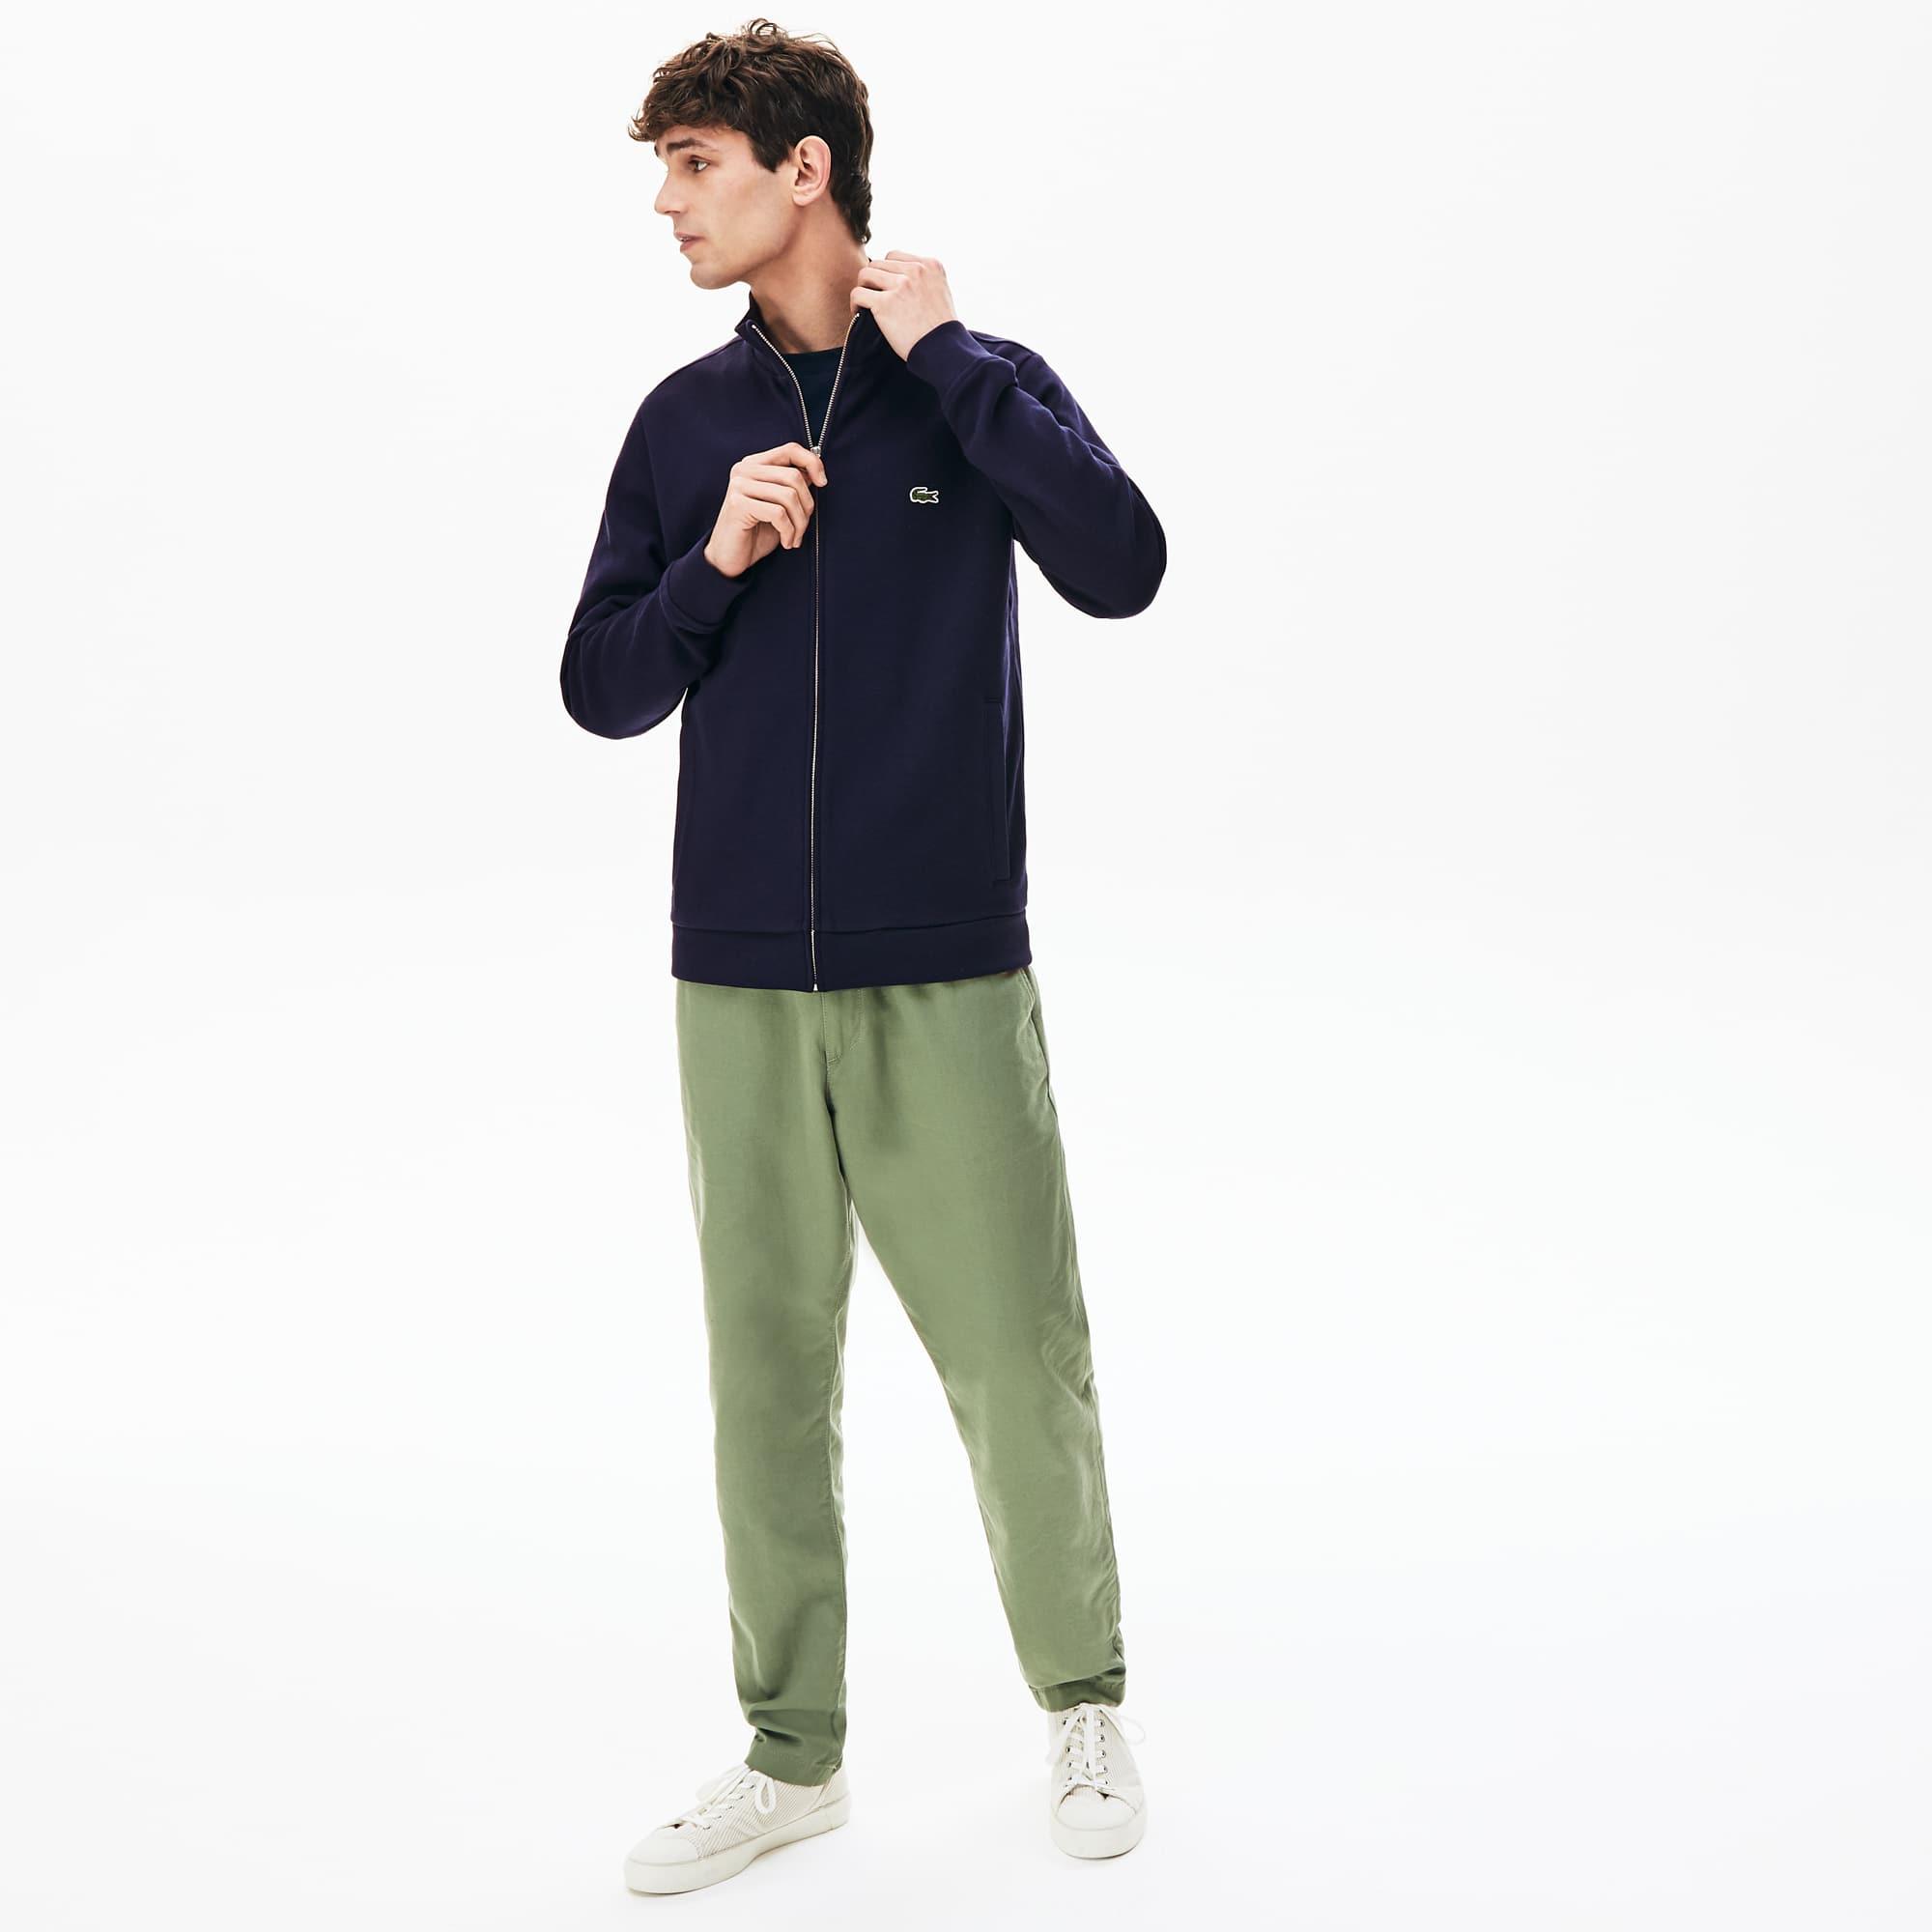 3296e0e6 Men's Zip Stand-Up Collar Fleece Sweatshirt | LACOSTE